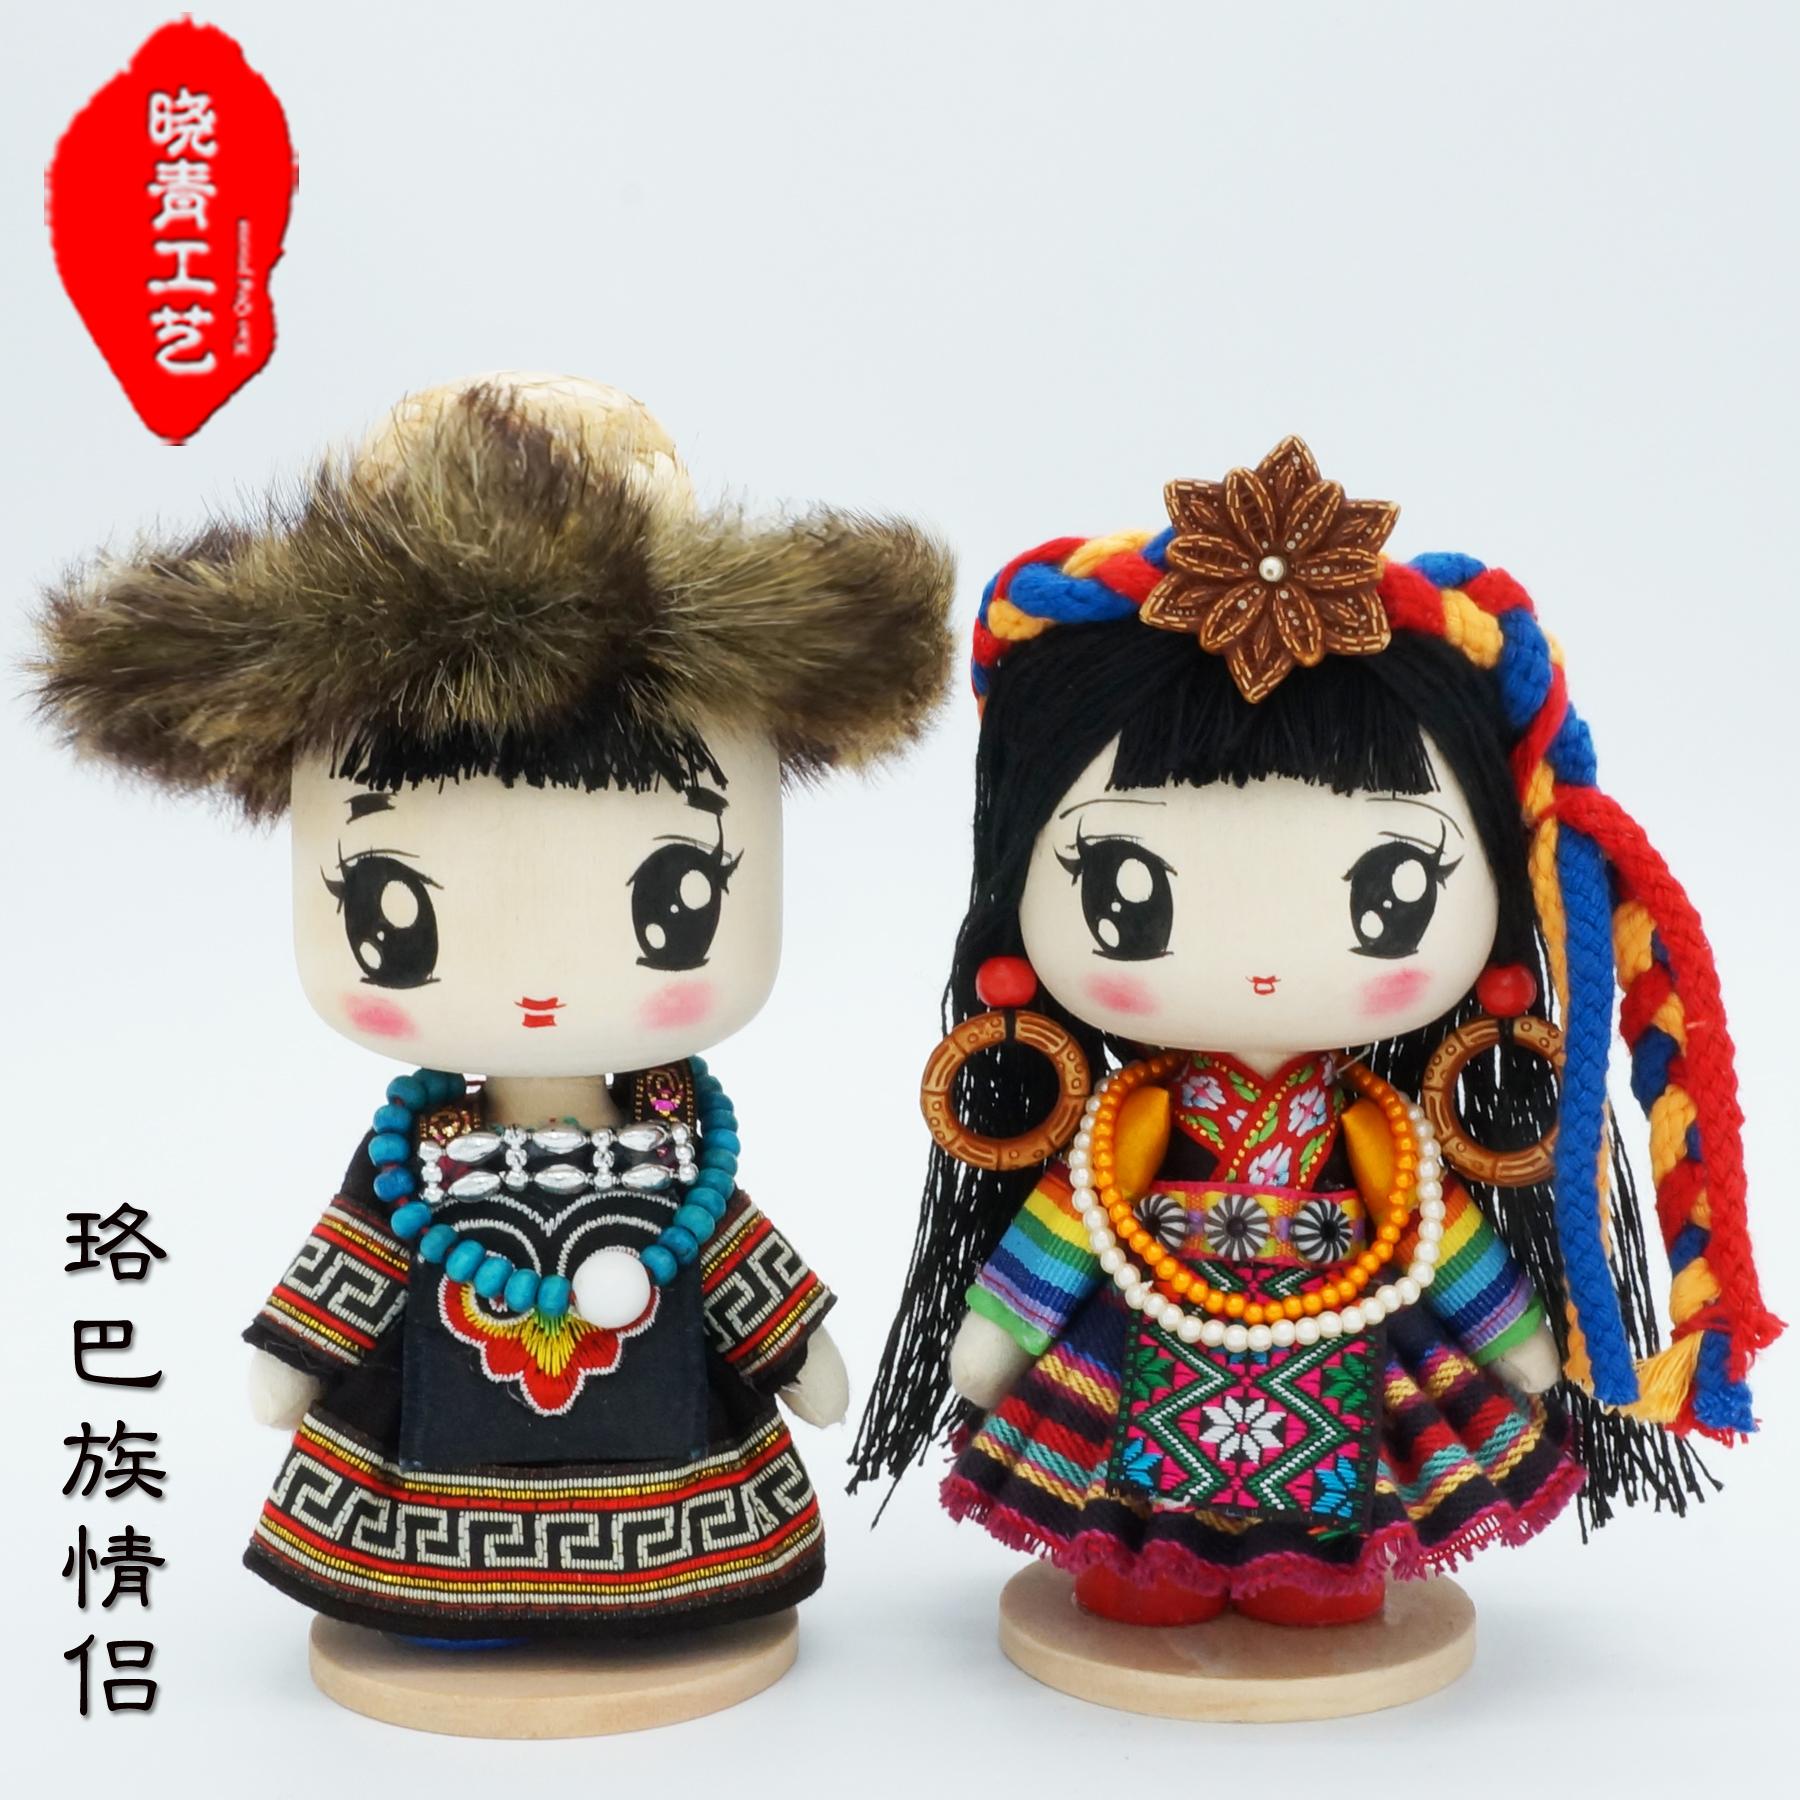 晓青工艺17cm珞巴族娃娃 手工木制民族娃娃木偶 教具车饰特色礼品